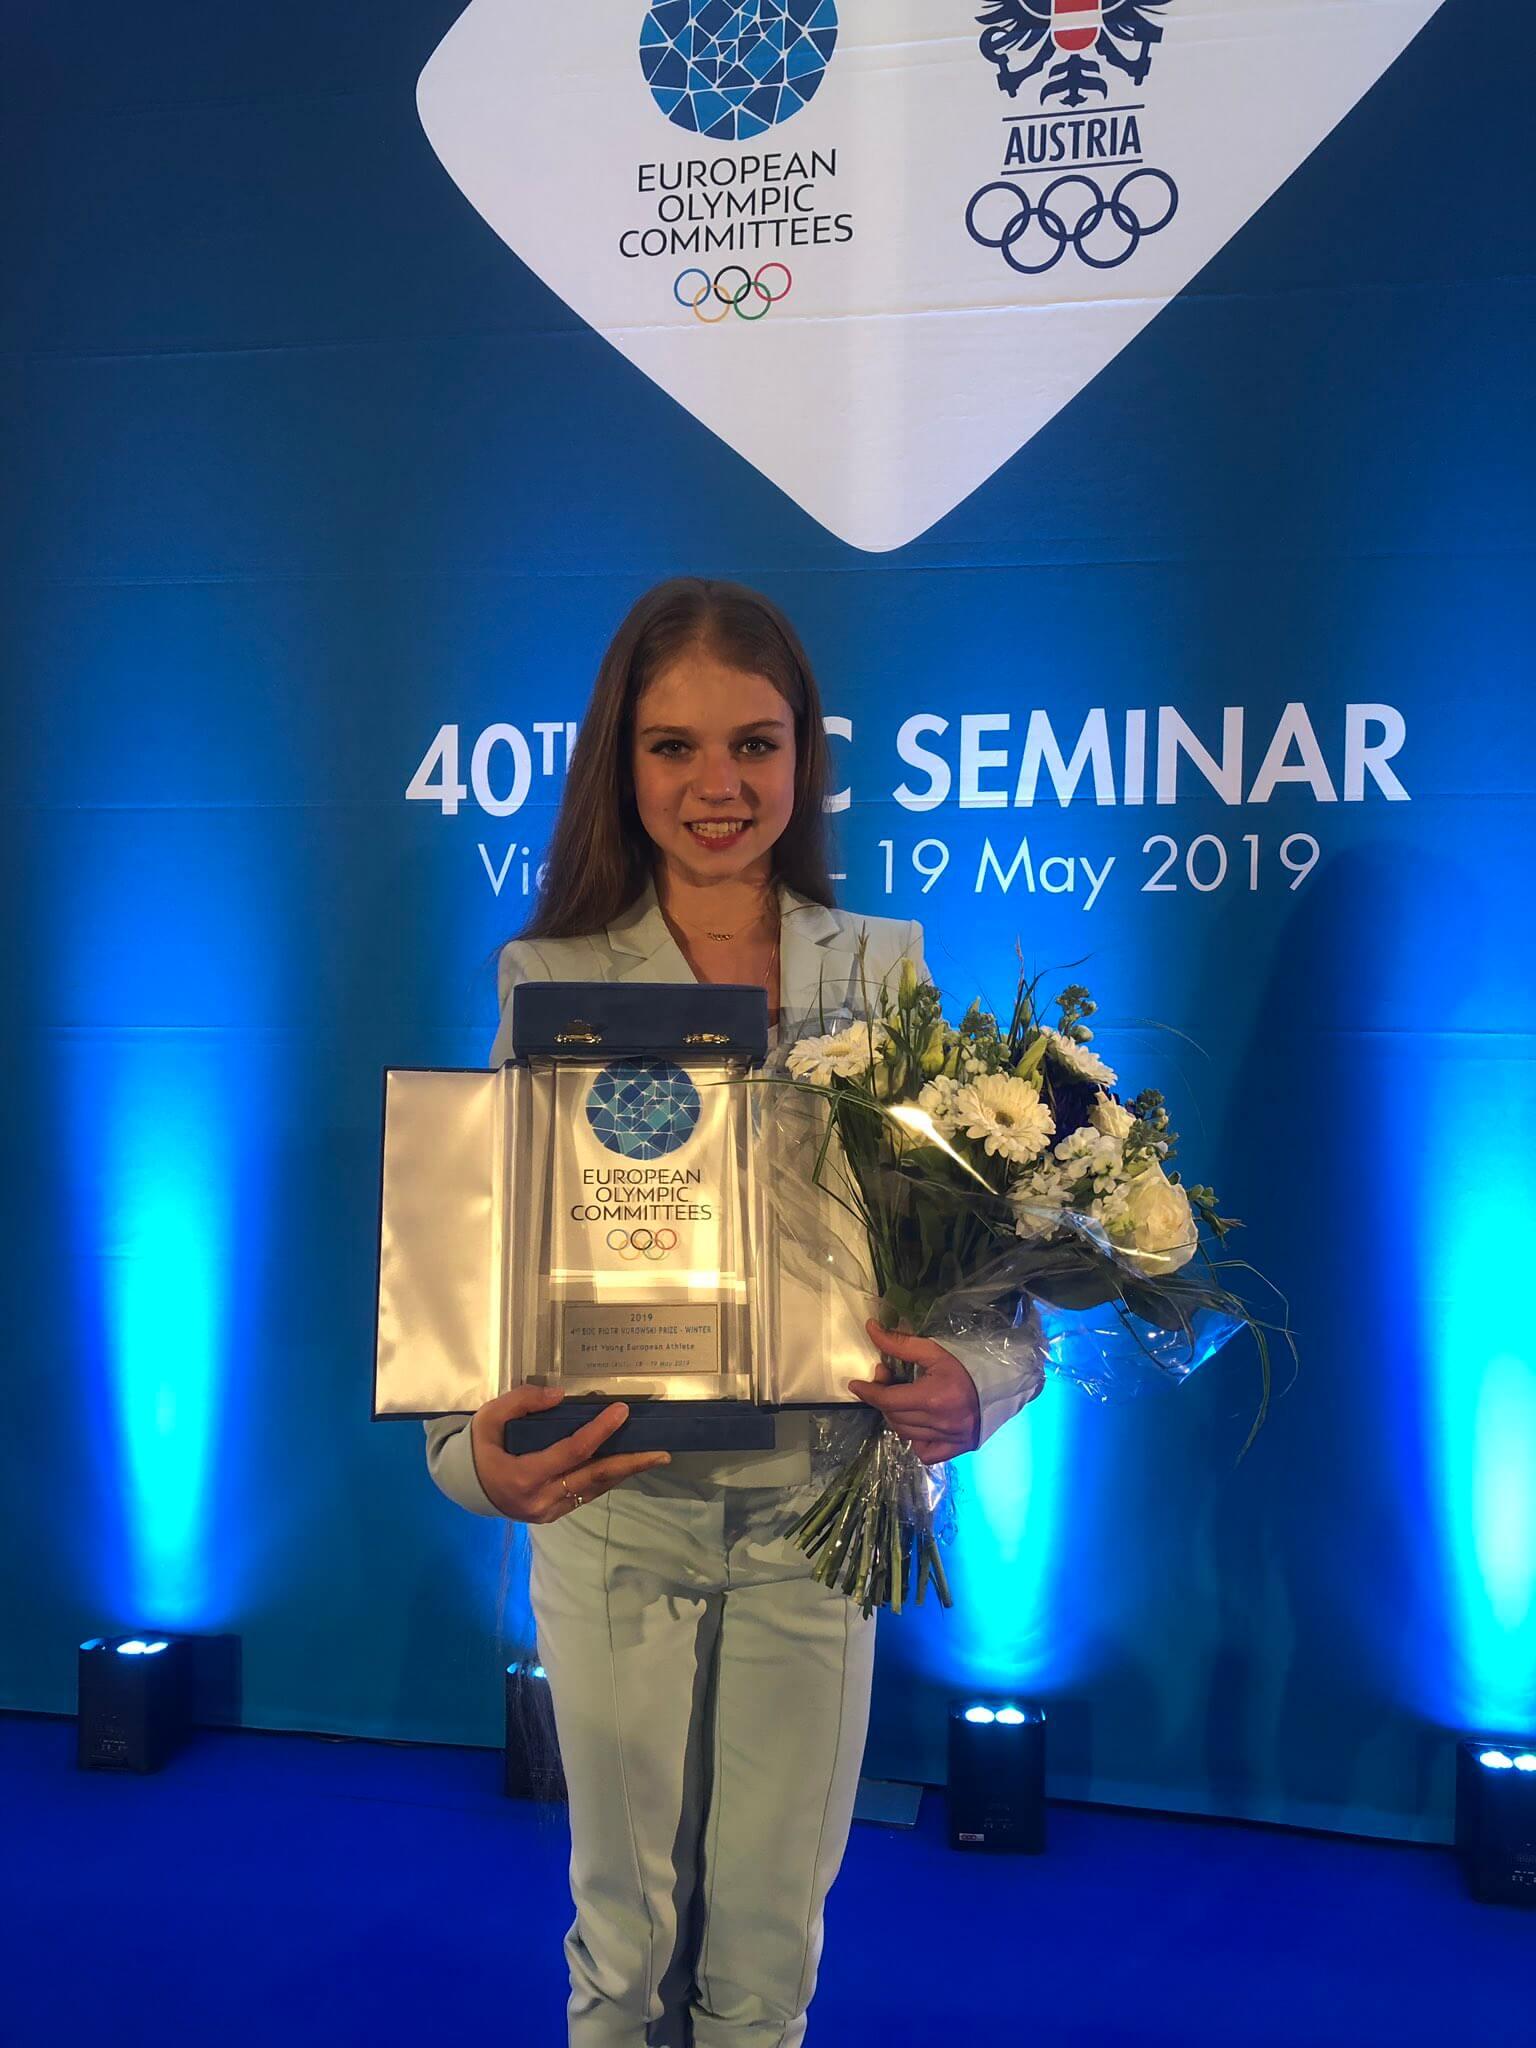 ユーロ最優秀ジュニア選手が発表!トゥルソワが最優秀賞!